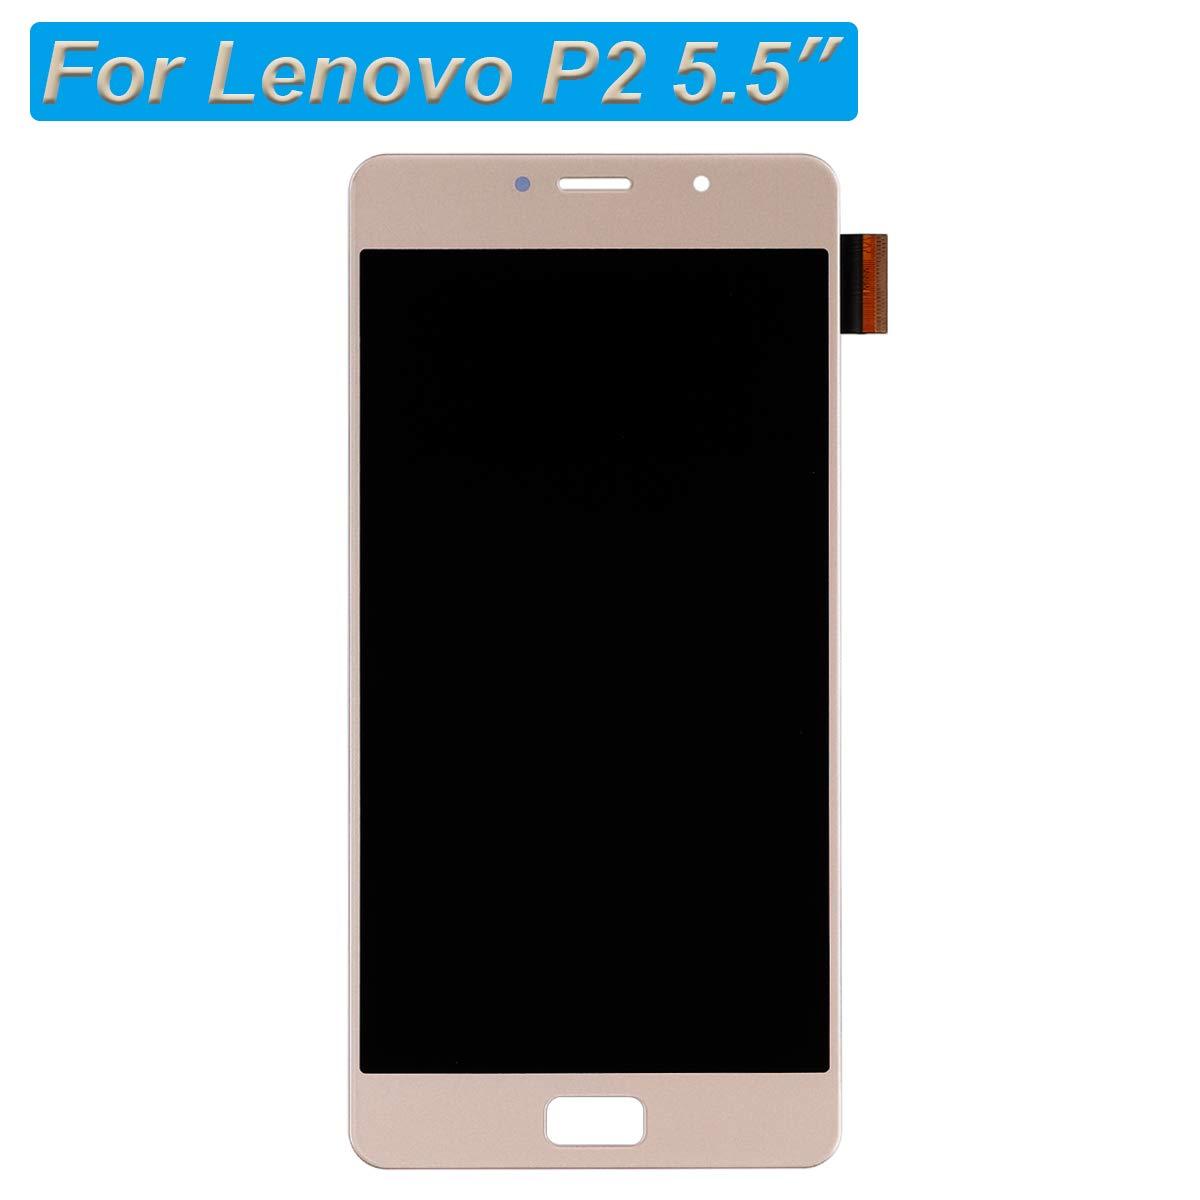 E-yiviil - Pantalla LCD táctil Compatible con Lenovo P2 de 5,5 ...